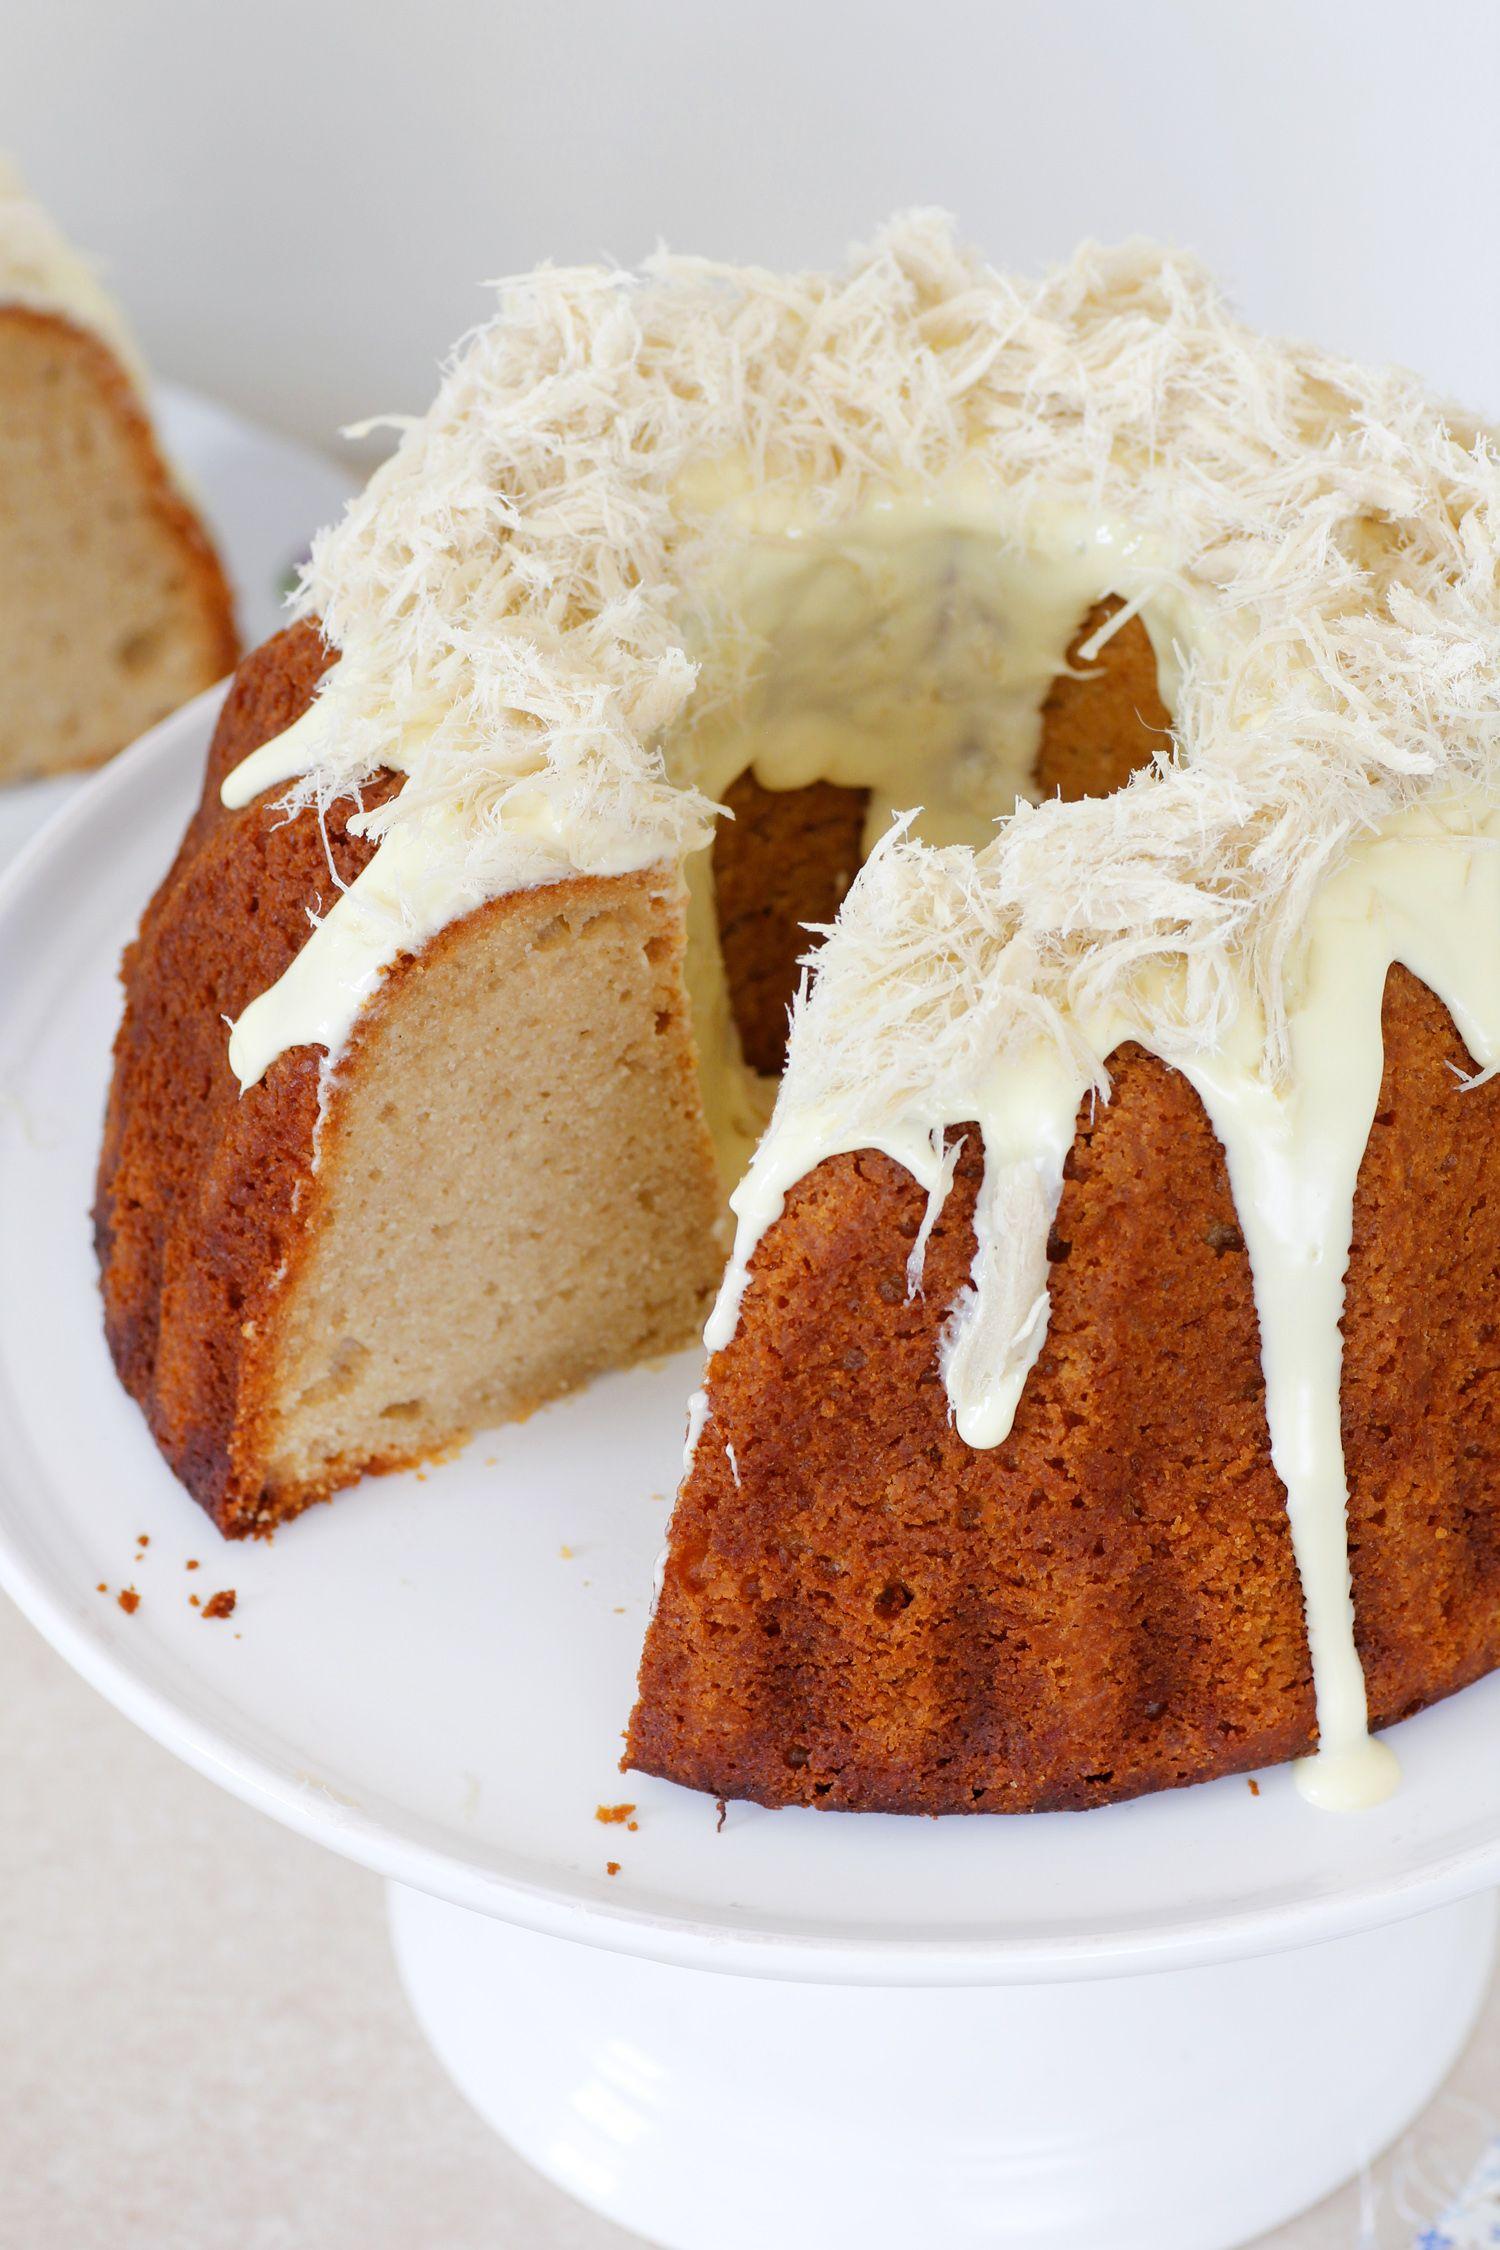 10 מתכונים לעוגות דבש: עוגת חלבה ודבש